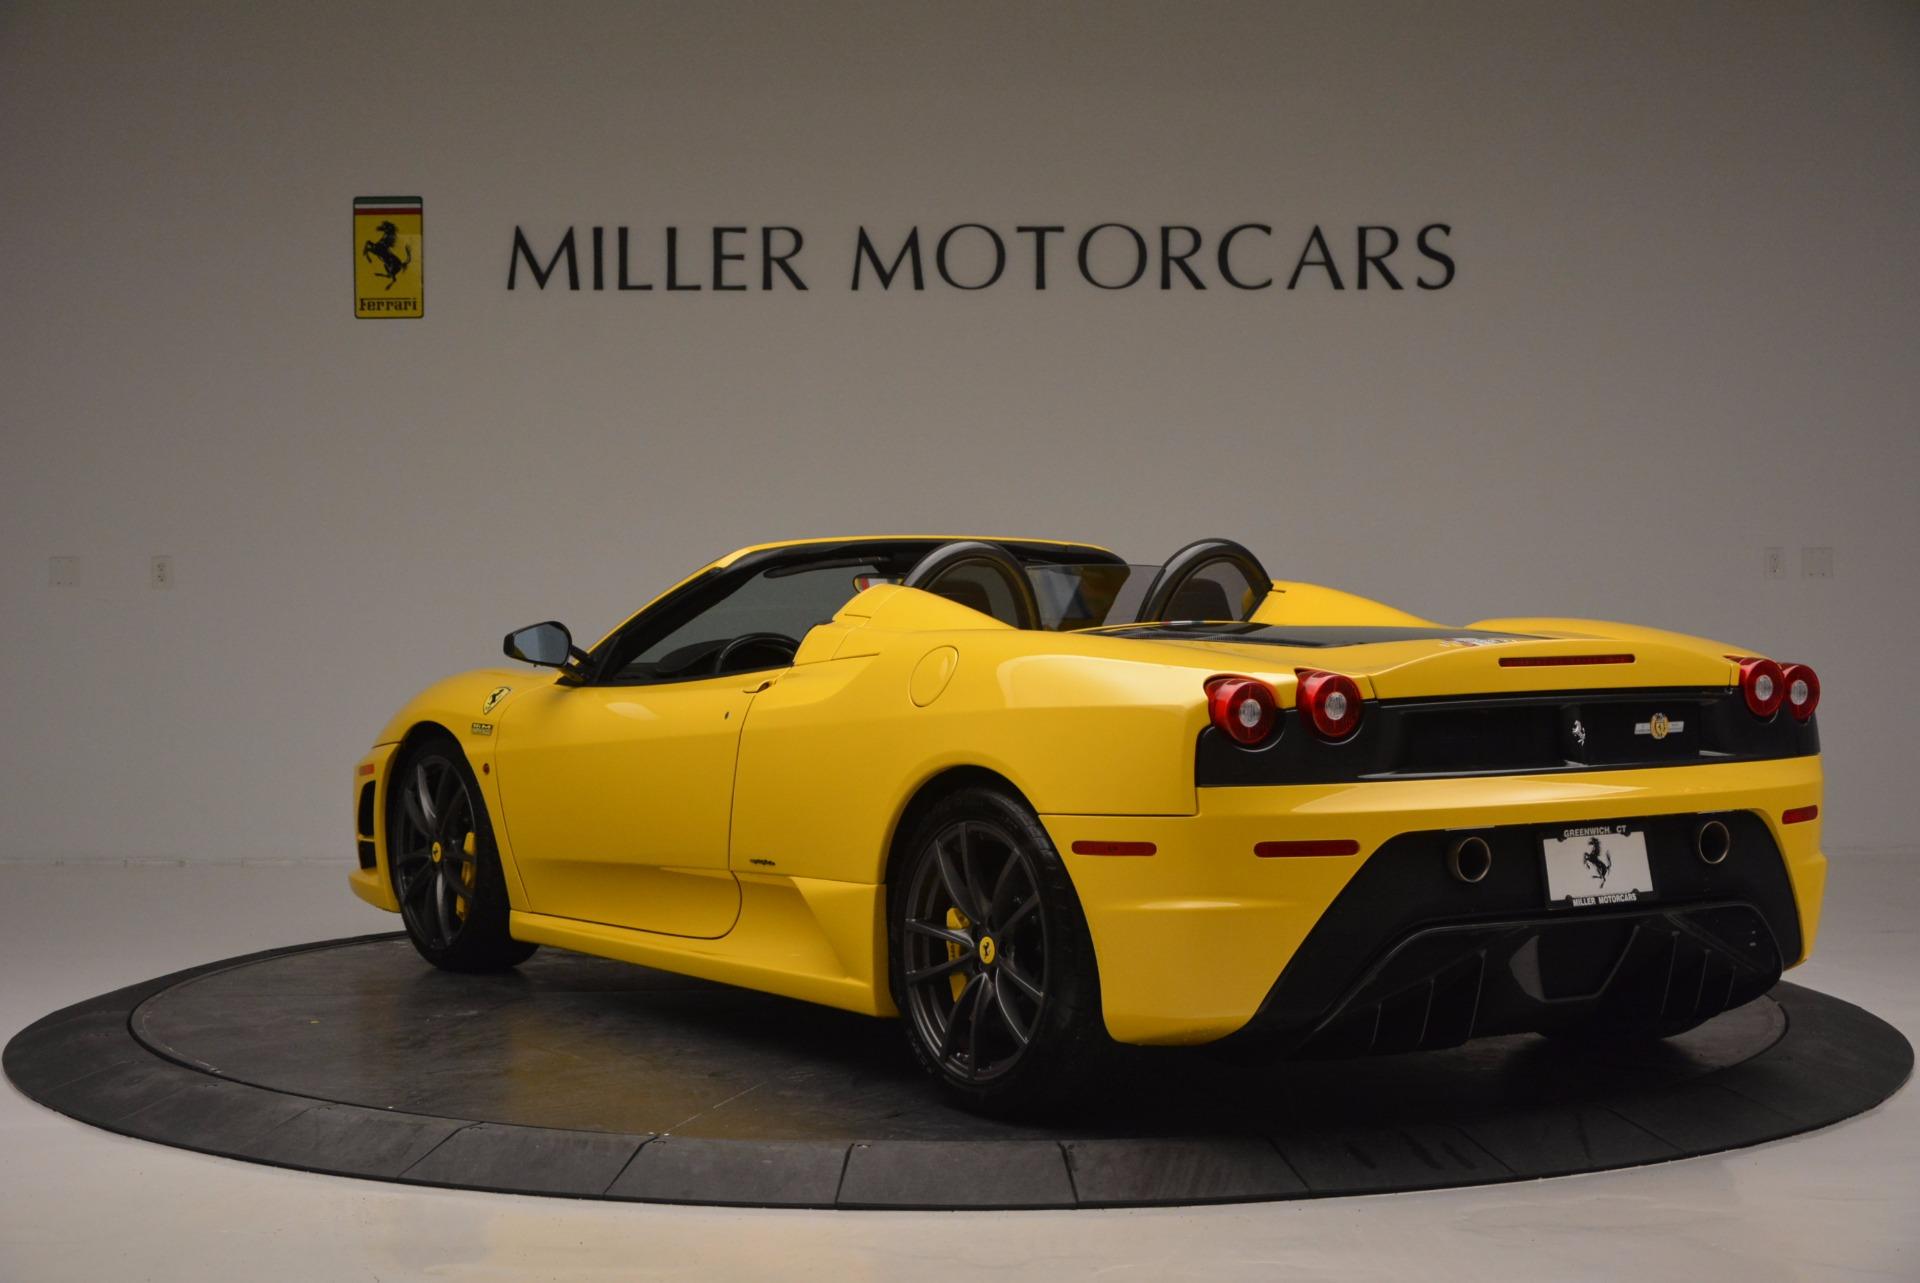 Used 2009 Ferrari F430 Scuderia 16M For Sale In Westport, CT 856_p5